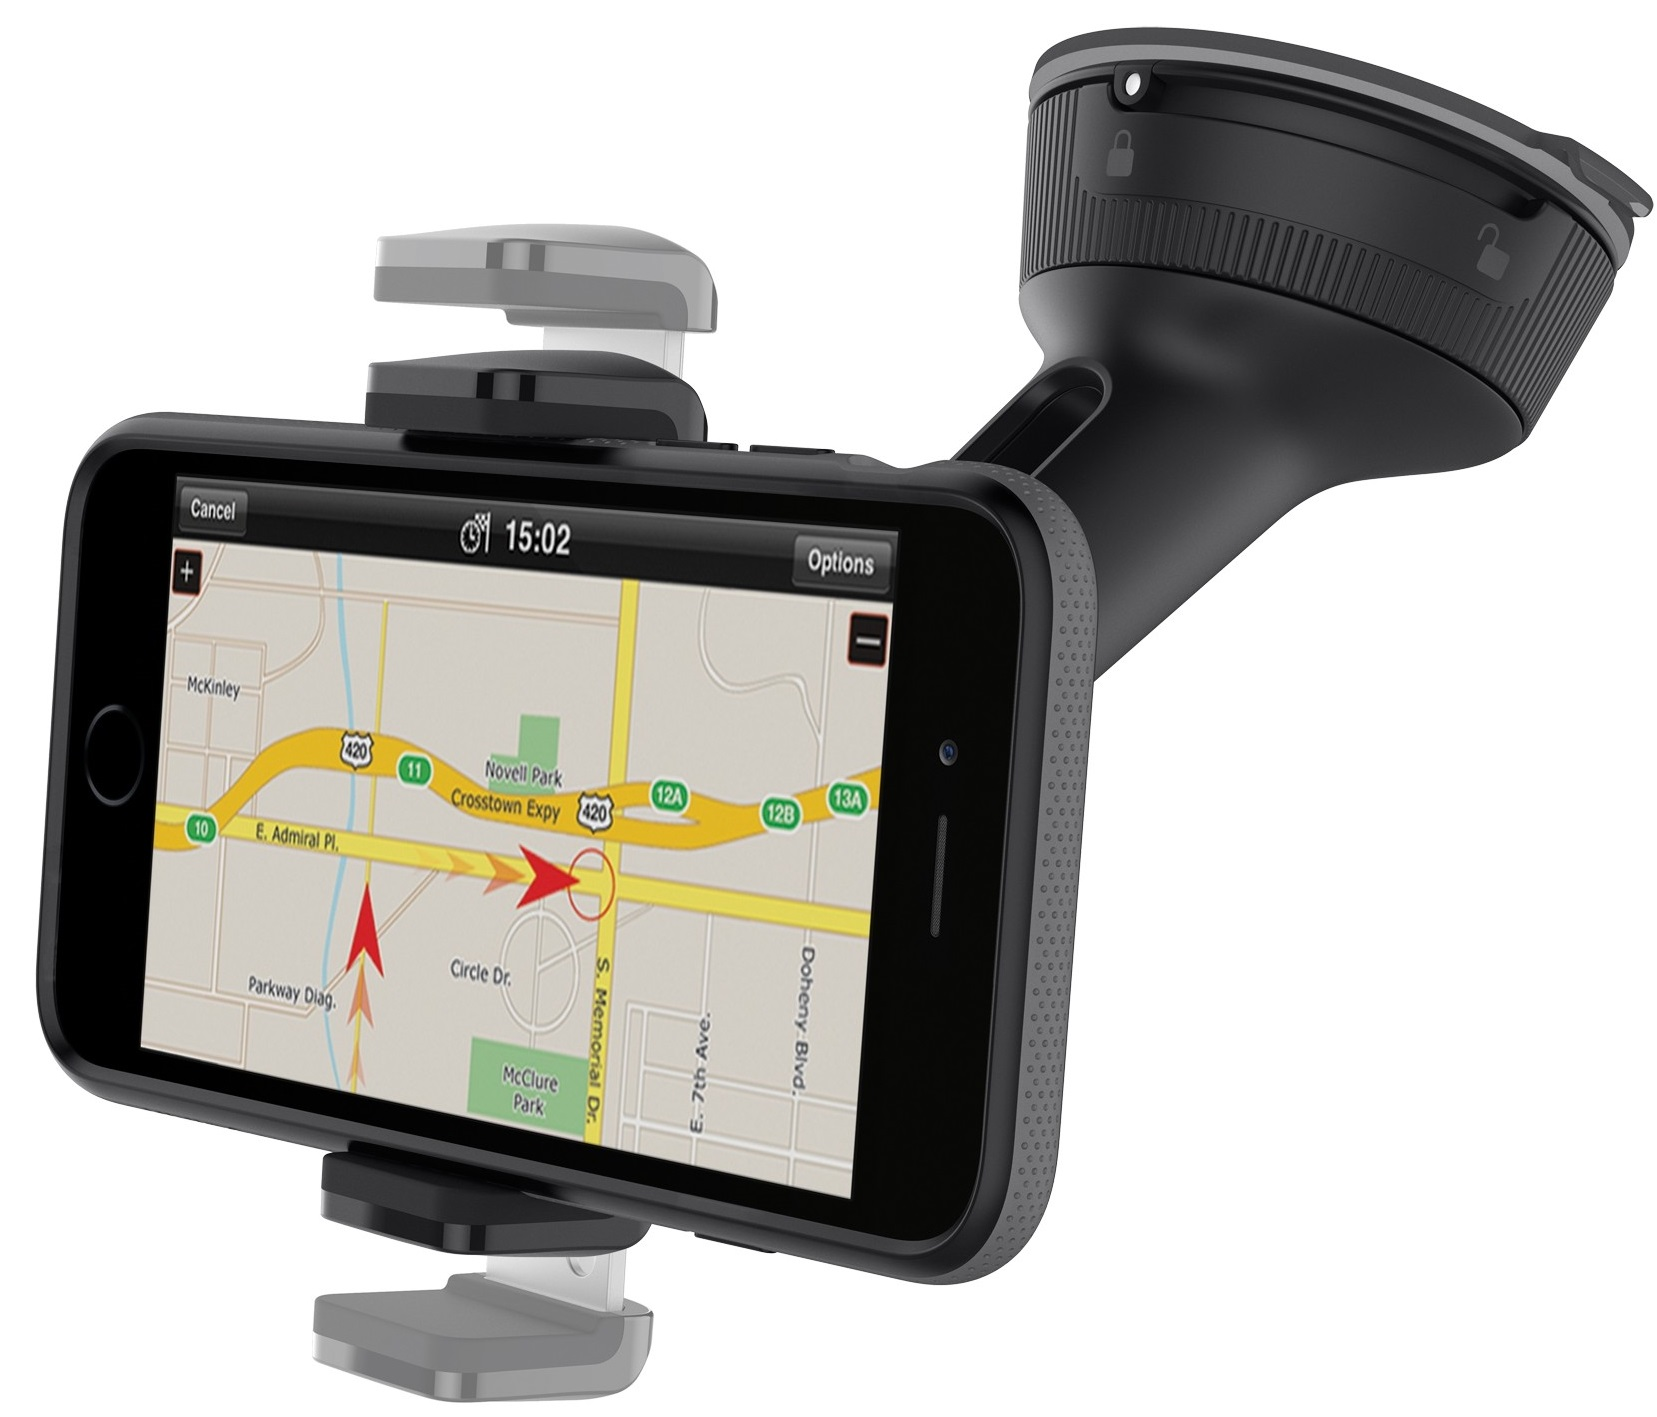 Автомобильный держатель Belkin Car Universal Mount (F8M978bt) для смартфонов (Black)